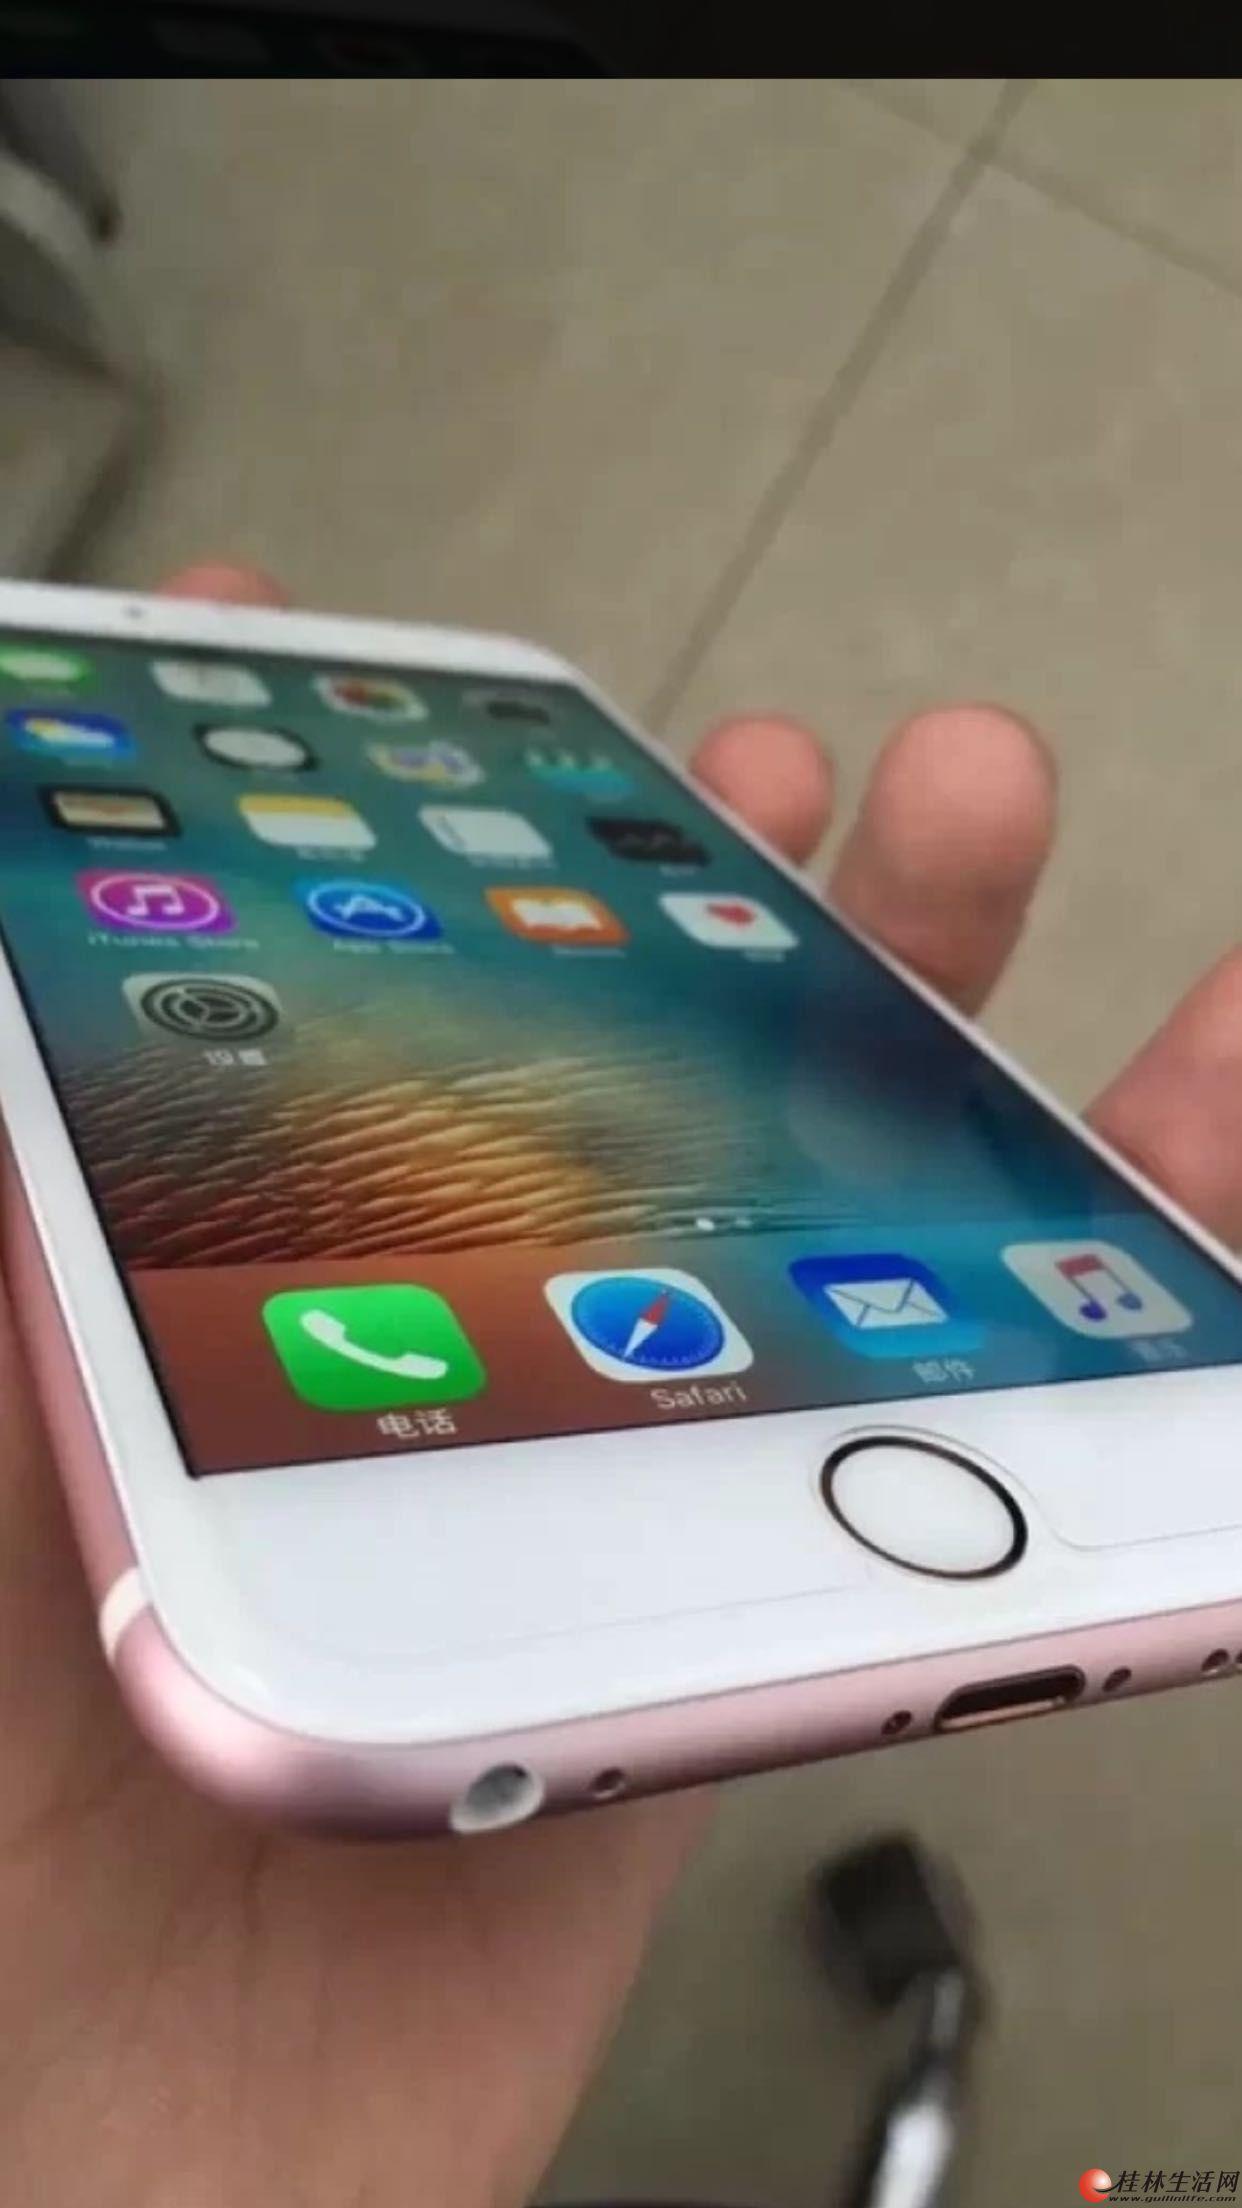 苹果iPhone6s,全原装手机,128G大内存,三网4G